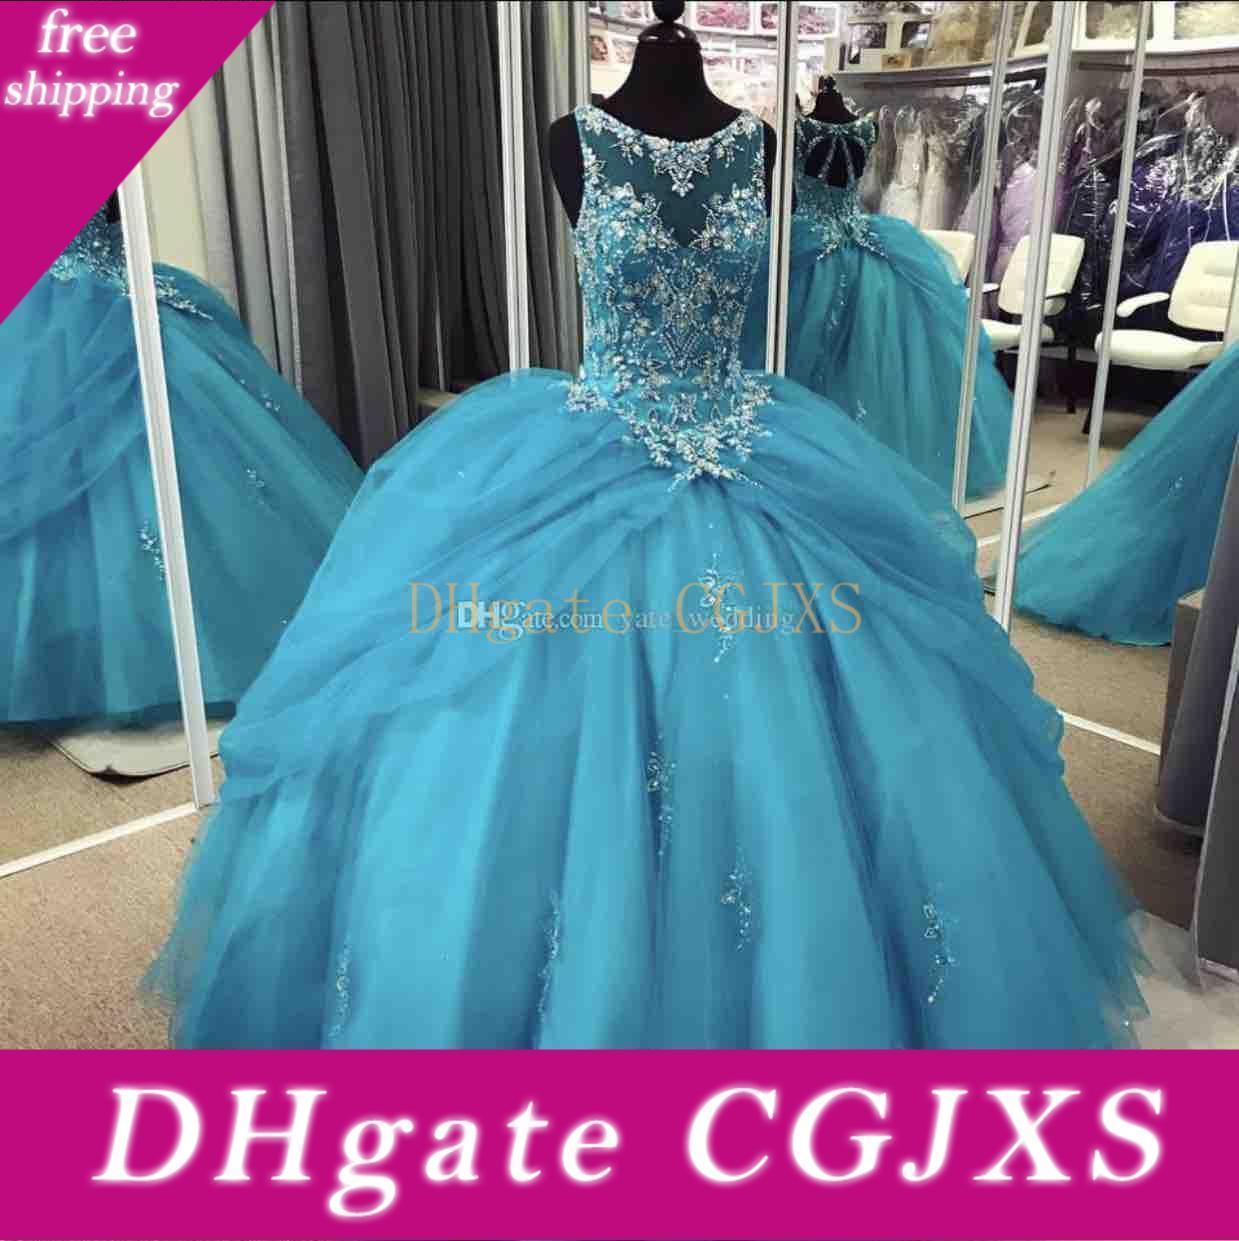 Neue preiswerte Blaue Mädchen-Festzug-Kleider Jewel Ausschnitt wulstige Gerichts-Zug-Tulle-Blumen-Mädchen-Kleid-Kinder tragen Geburtstag Kommunion Kleid